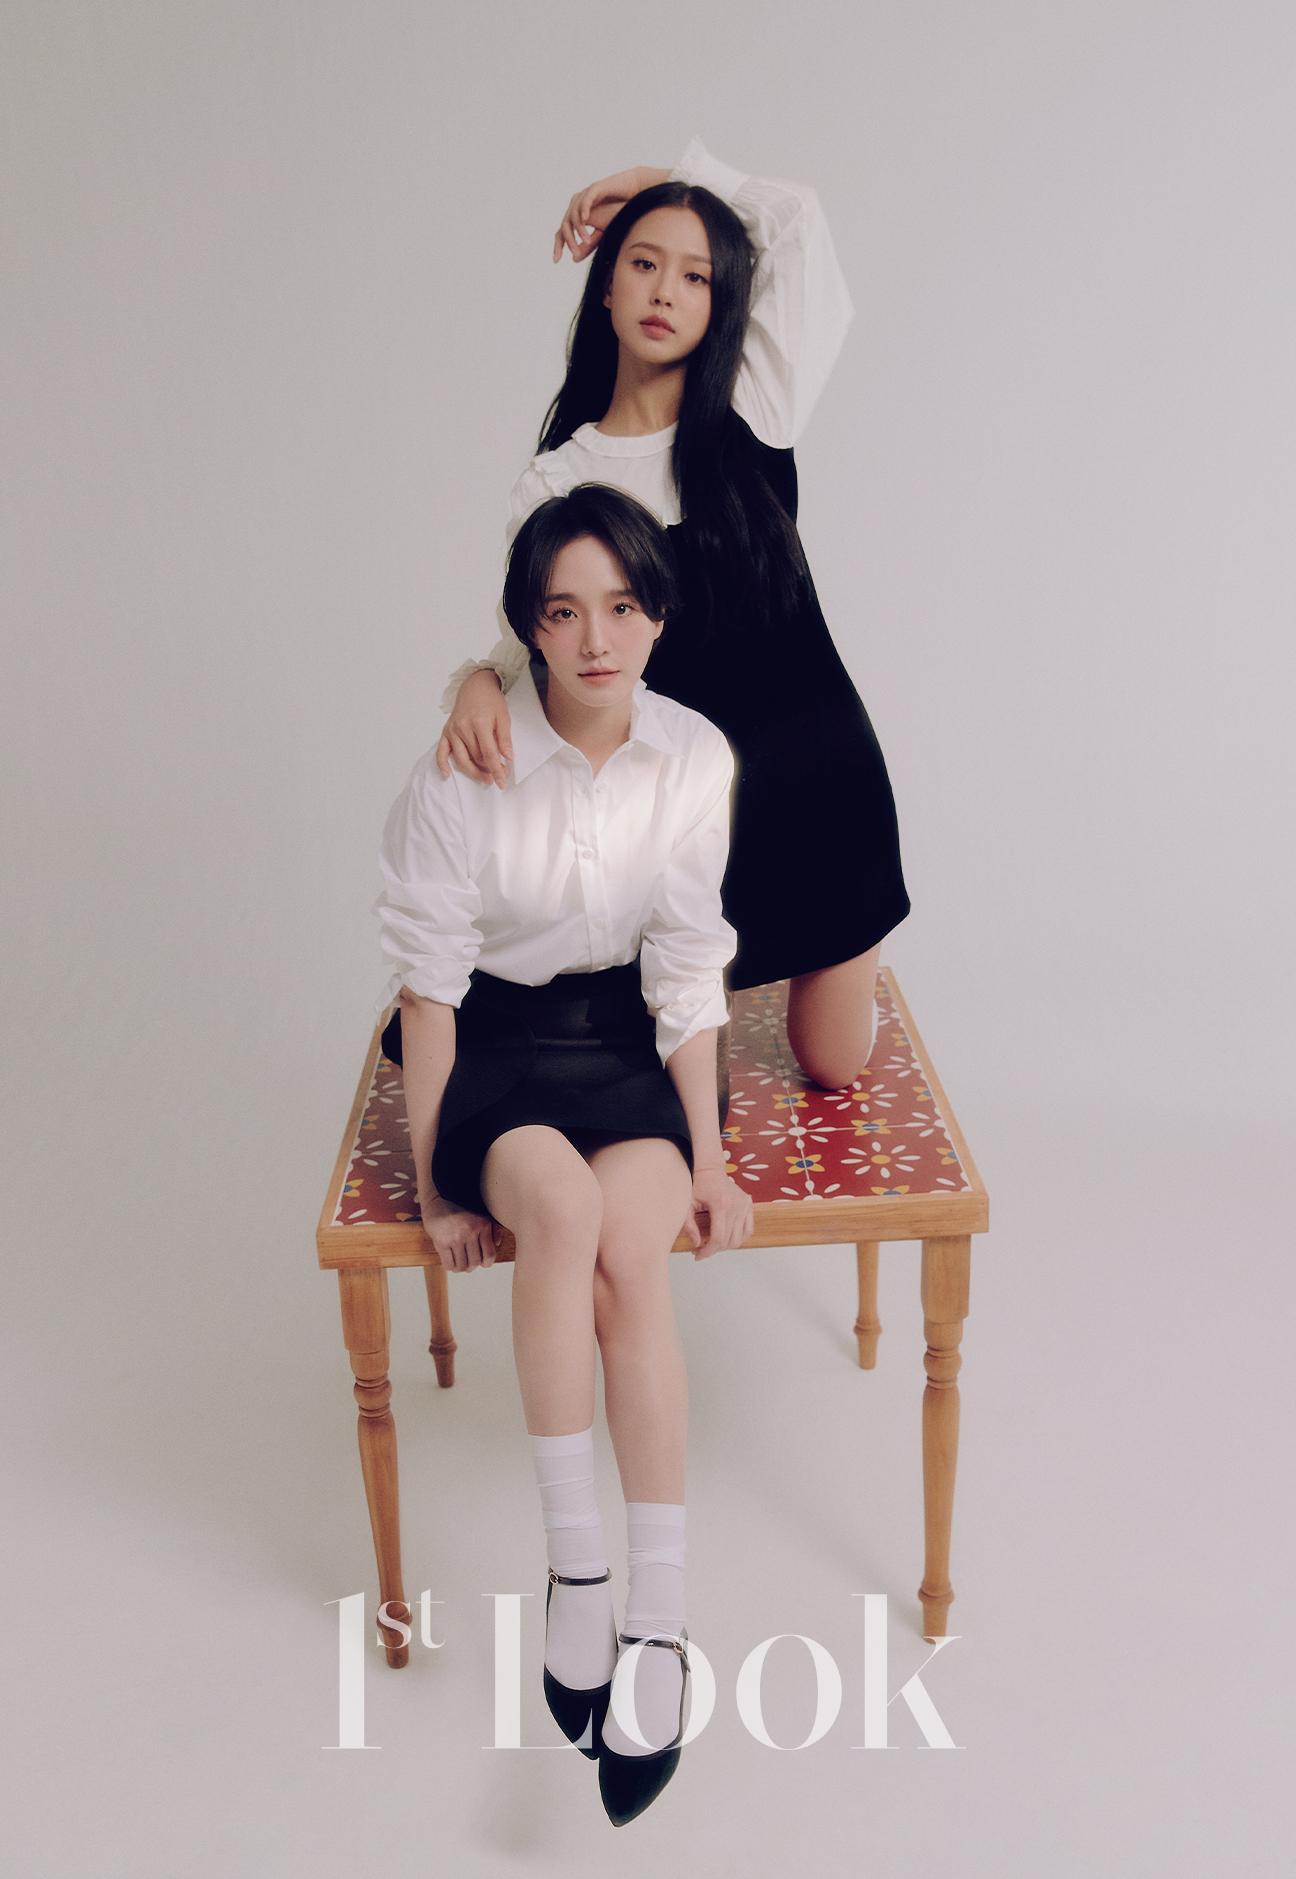 '스위트홈' 박규영x고민시, 사랑스러움 가득 워맨스 화보 공개